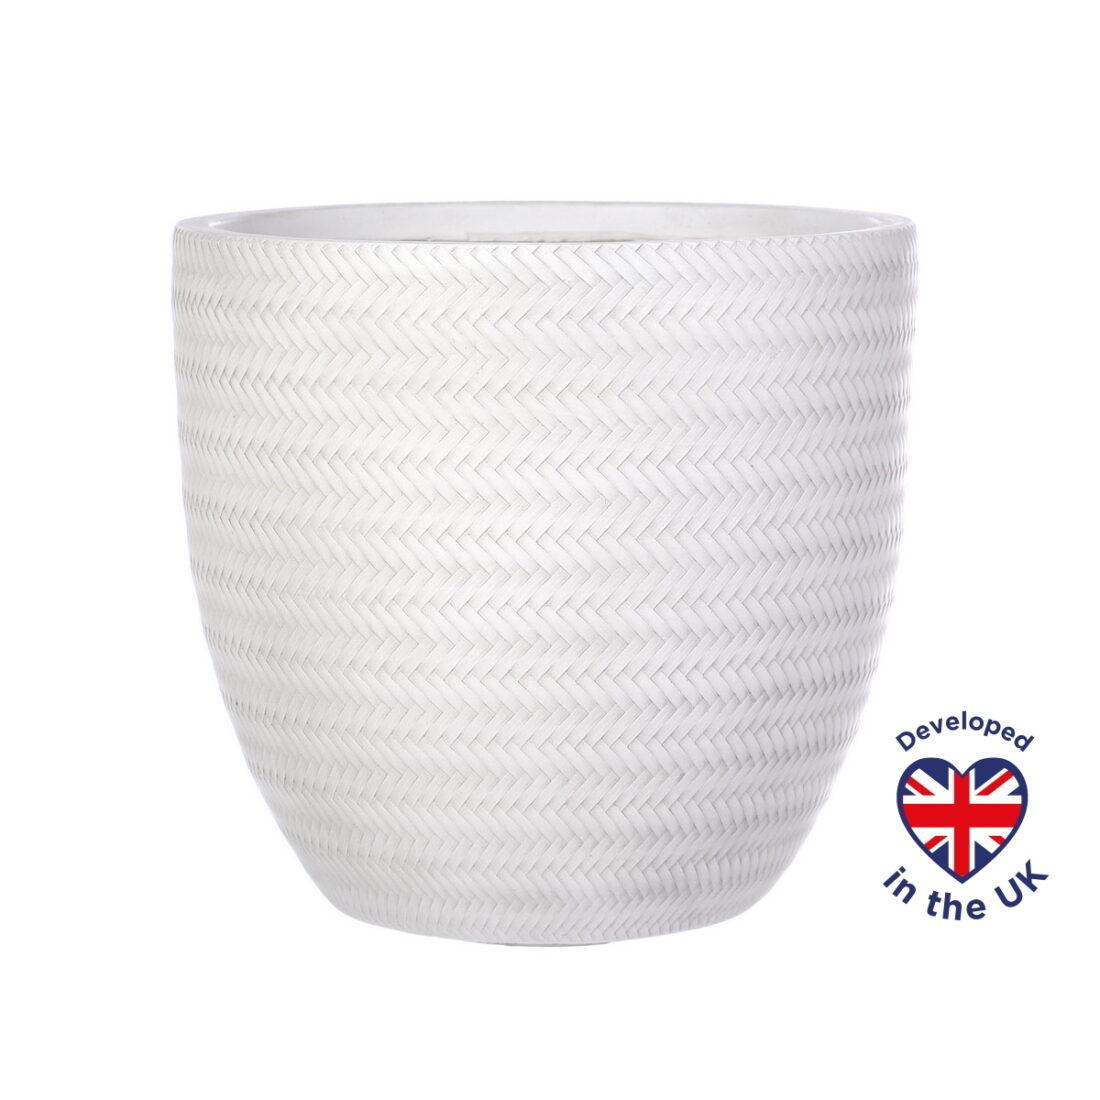 Напольное кашпо для цветов Idealist Lite Плейт, белое, Д37 В34.5 см, 37.1 л